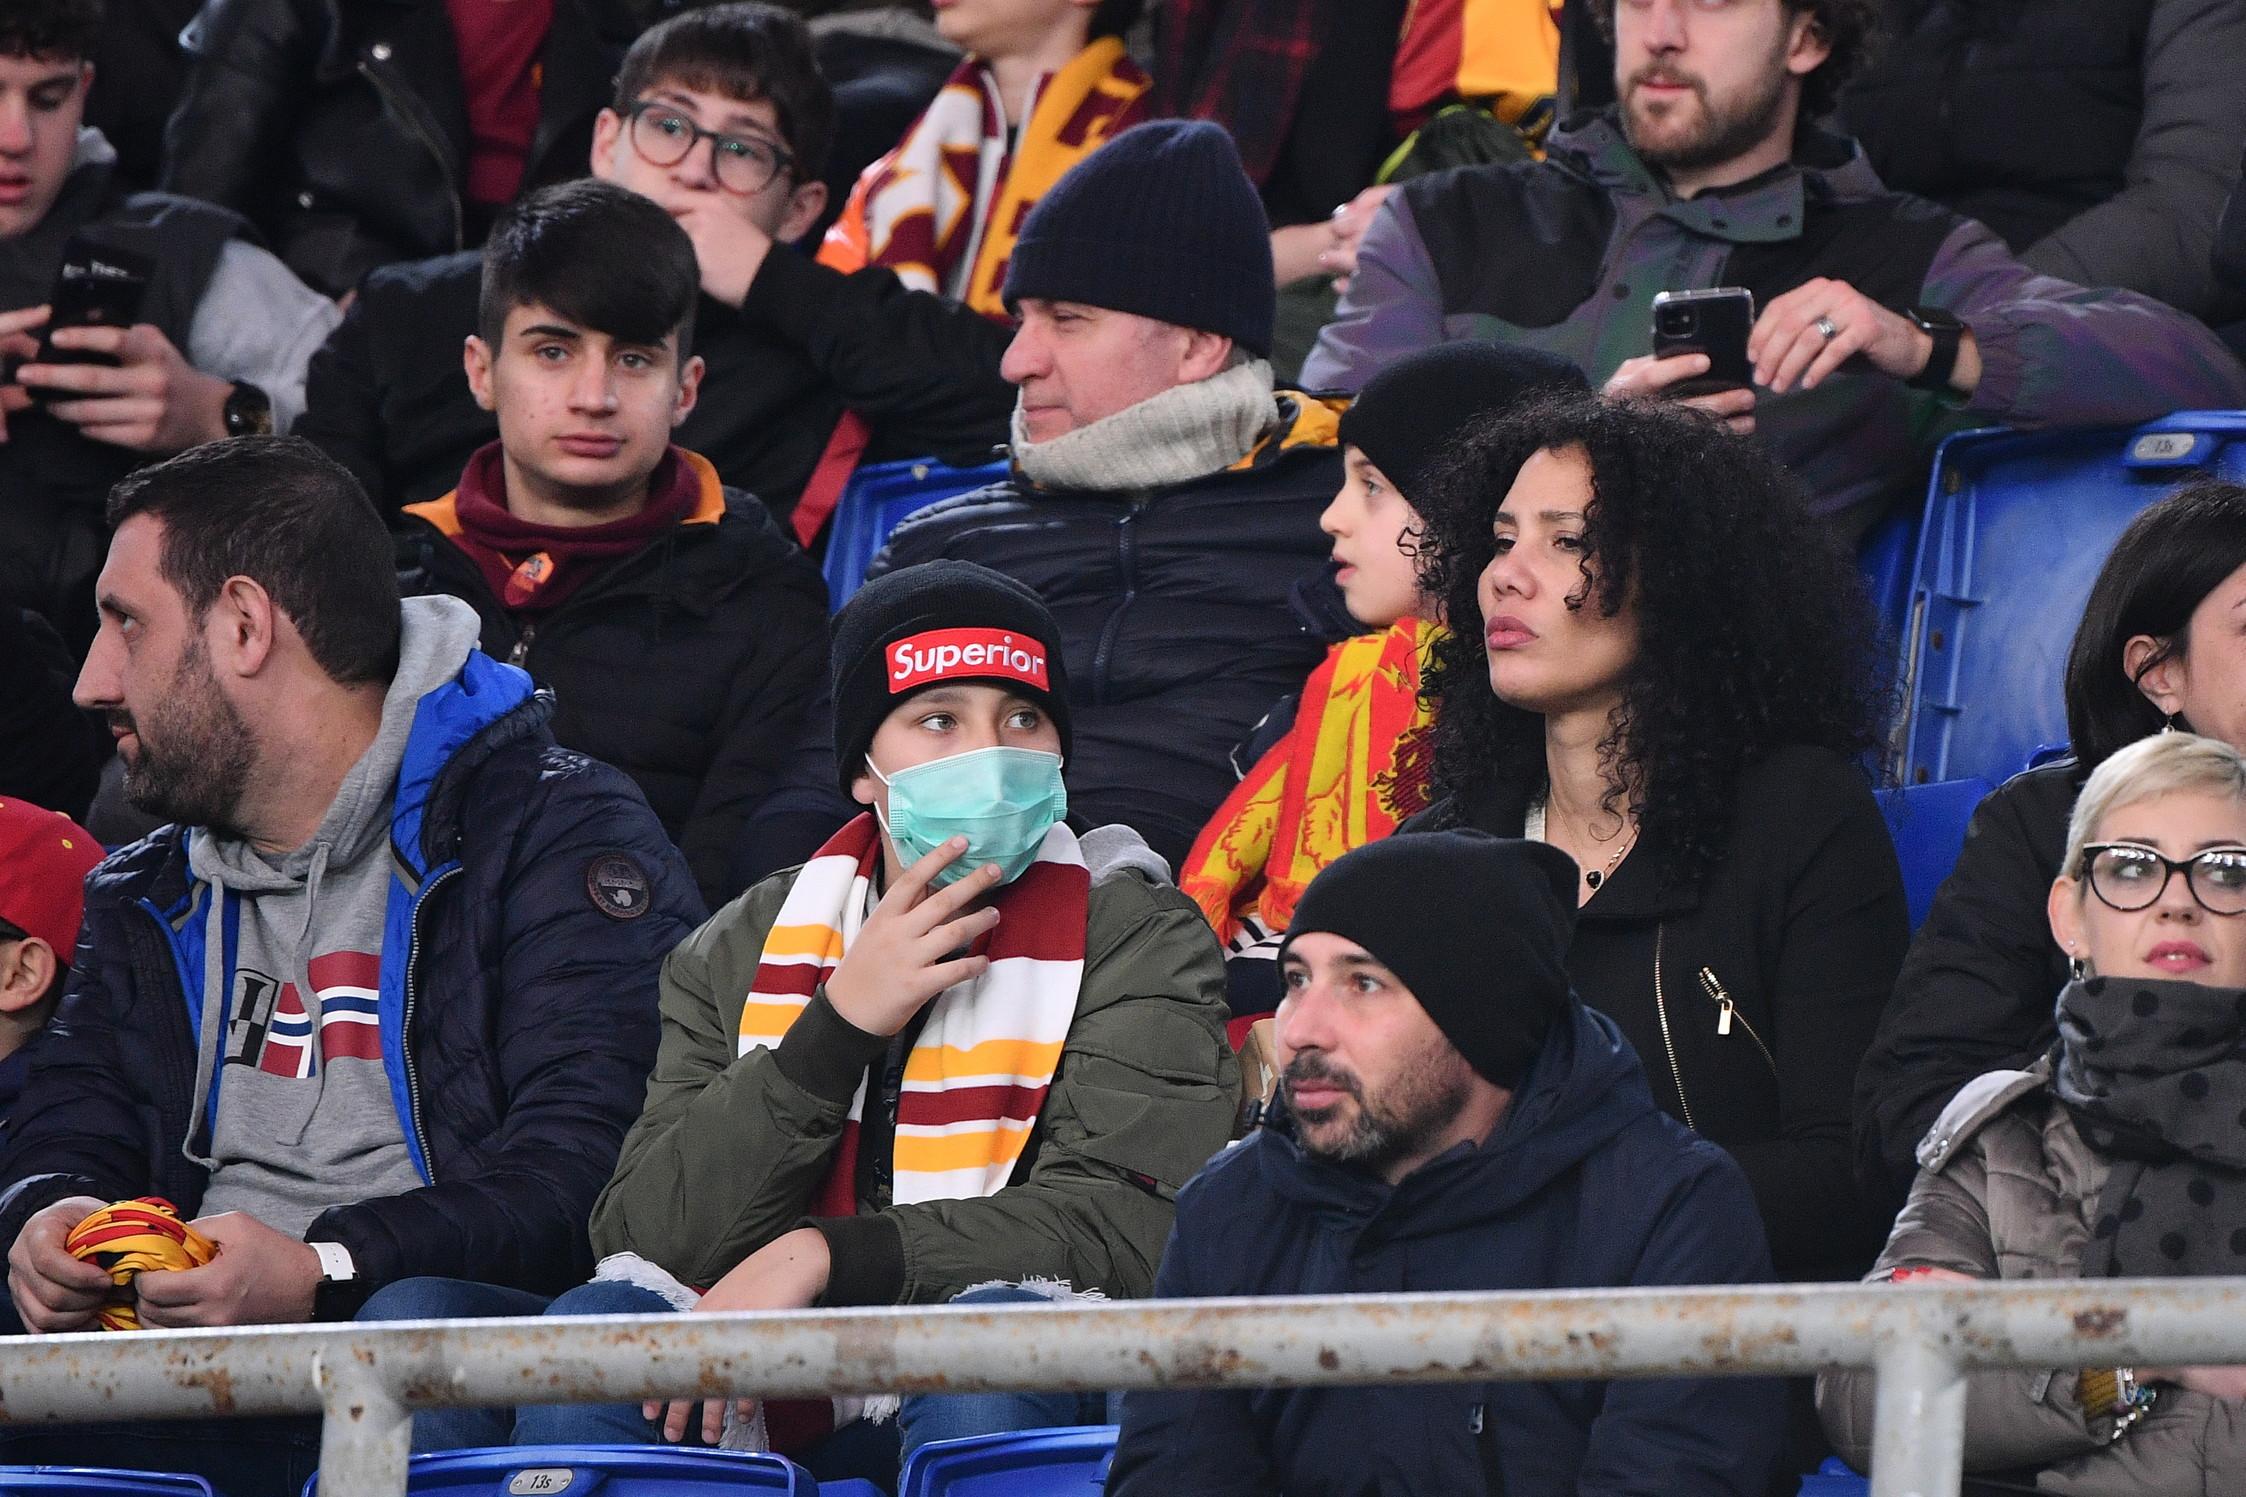 Roma-Lecce è stata l'unica partita di Serie A giocata domenica pomeriggio a causa del coronavirus. E allo stadio Olimpico sono comparsemascherine e guanti per proteggersi dal virus che sta spaventando l'Italia ed evitare il contagio.